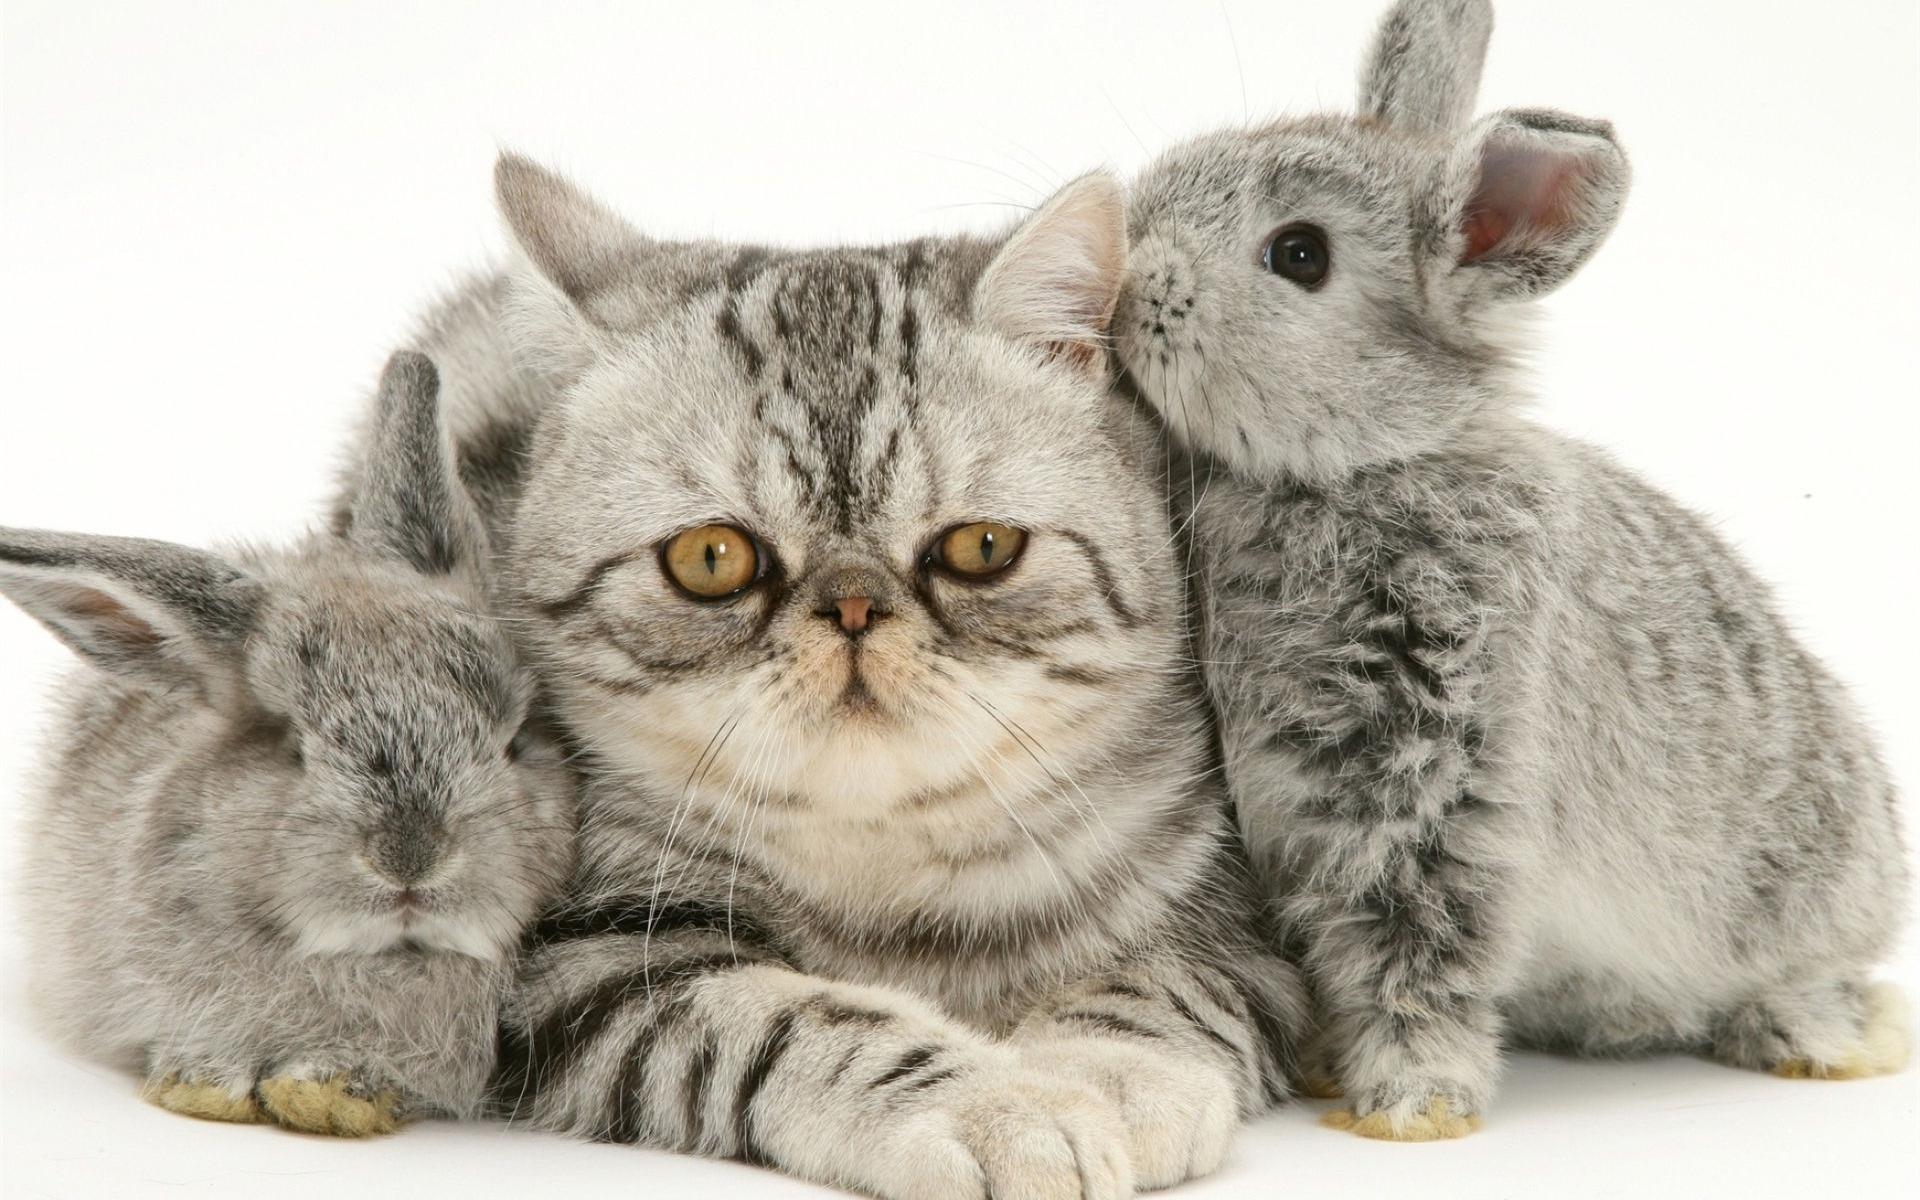 Картинки про зайцев и котов, открытки пикселях